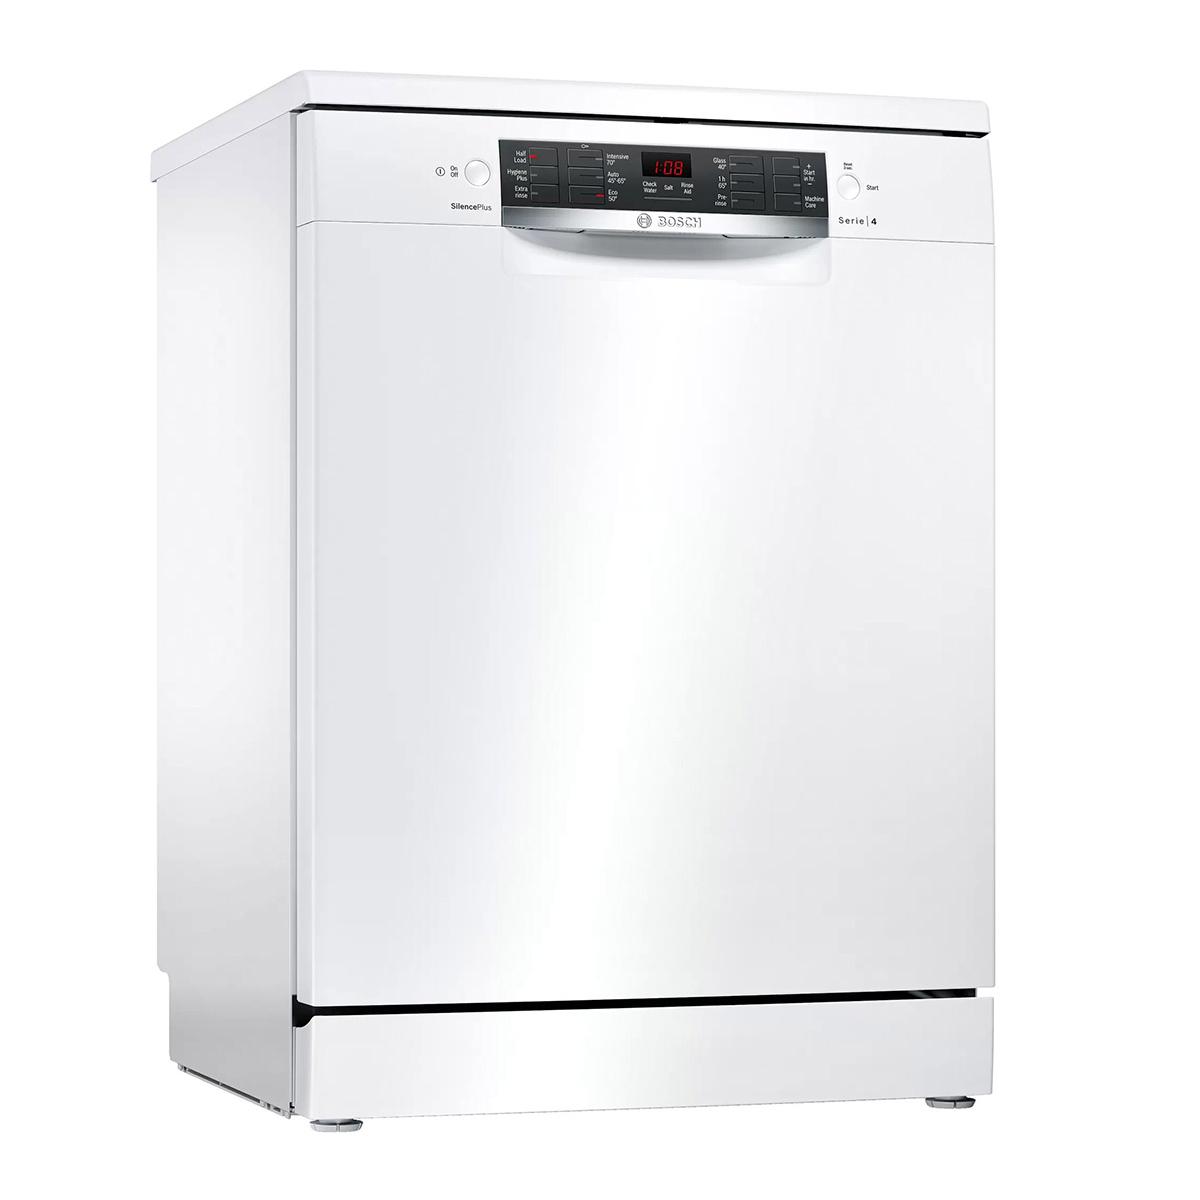 ماشین ظرفشویی بوش مدل sms46nw01b